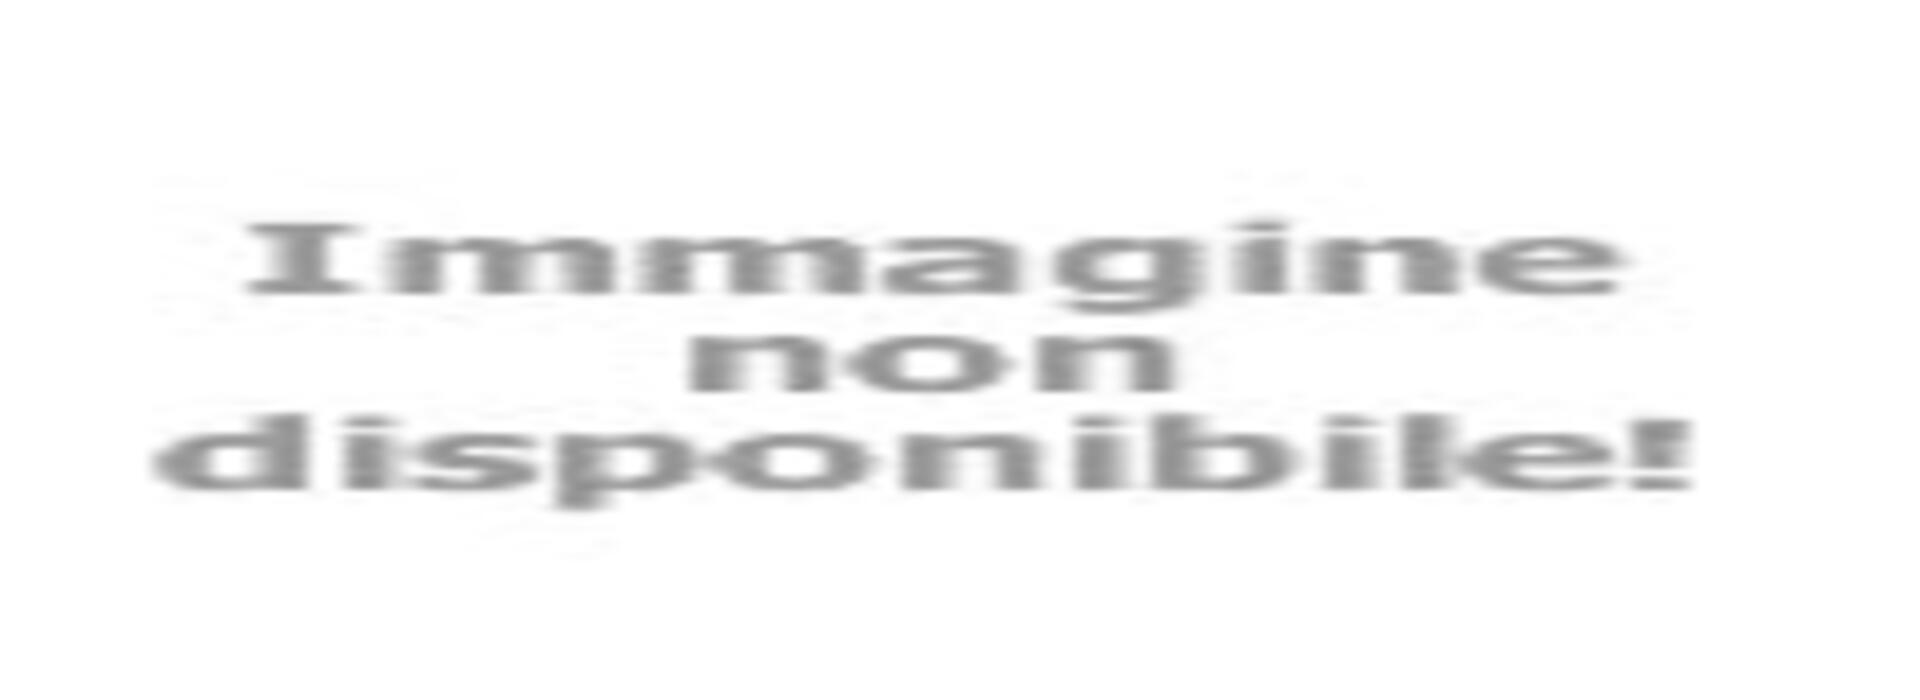 hotel-montecarlo pl bibione-noca 019